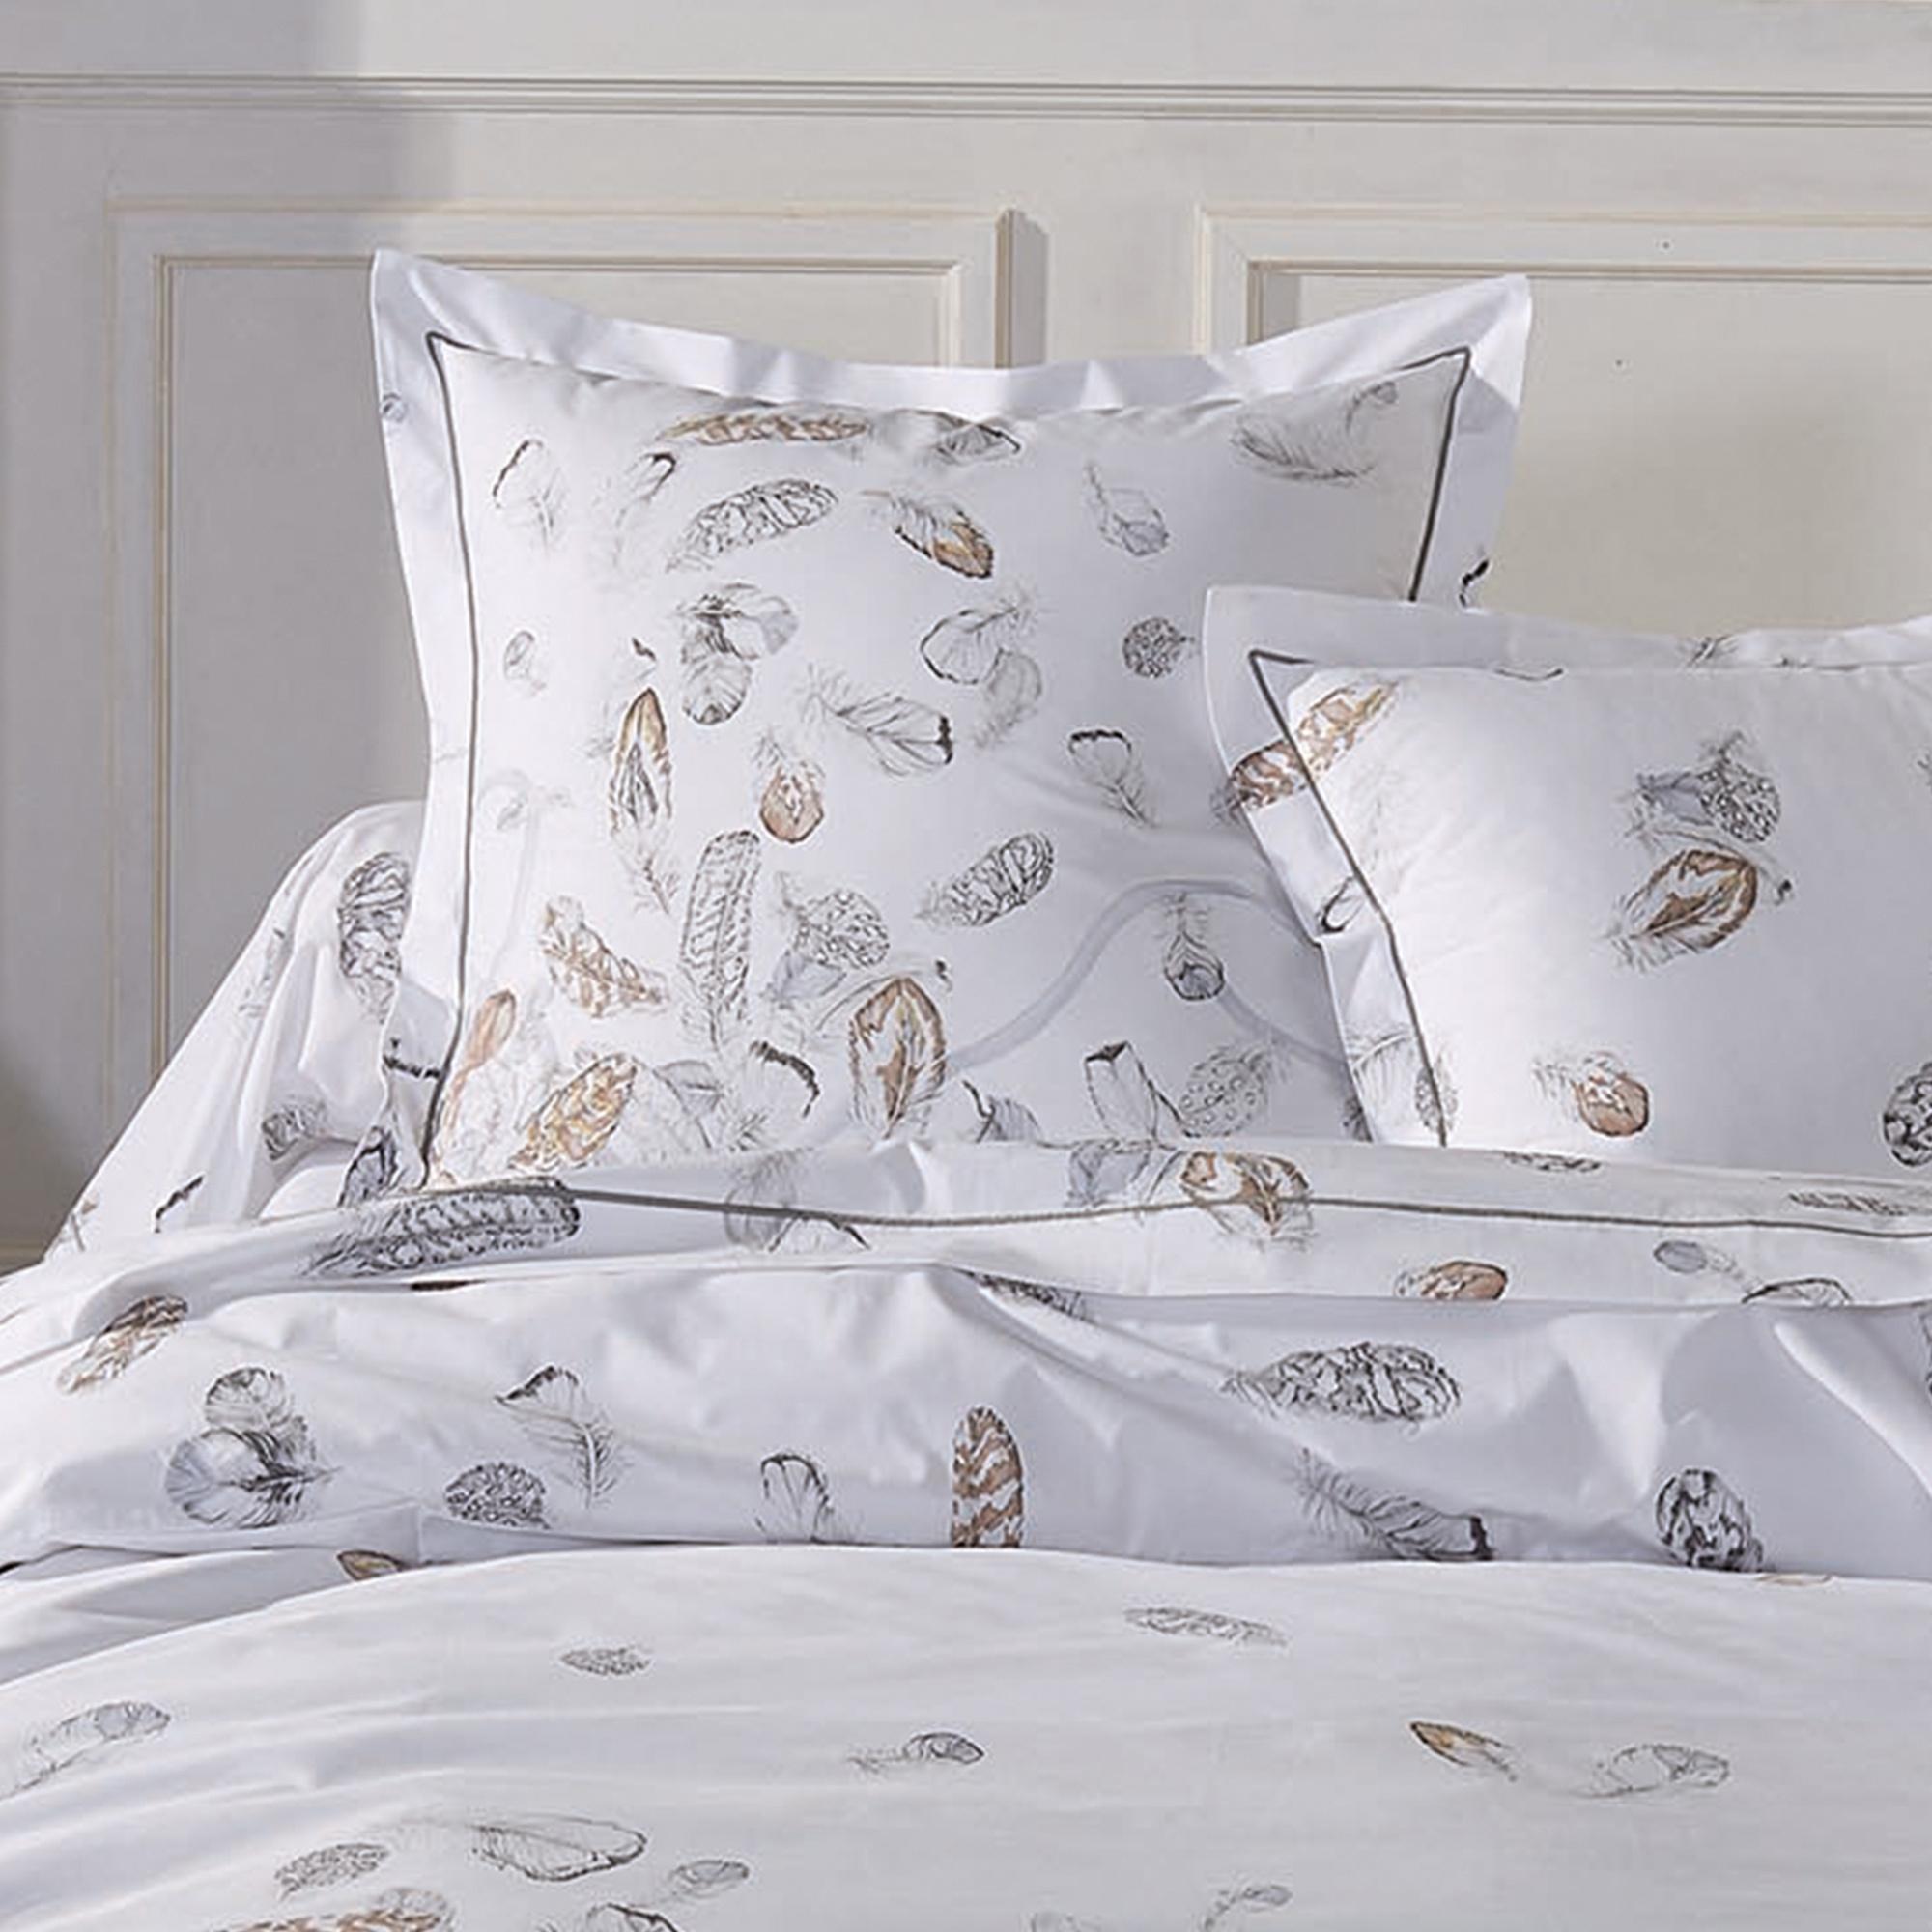 parure de lit percale pur coton peign 200x200 cm plumes linnea linge de maison et. Black Bedroom Furniture Sets. Home Design Ideas